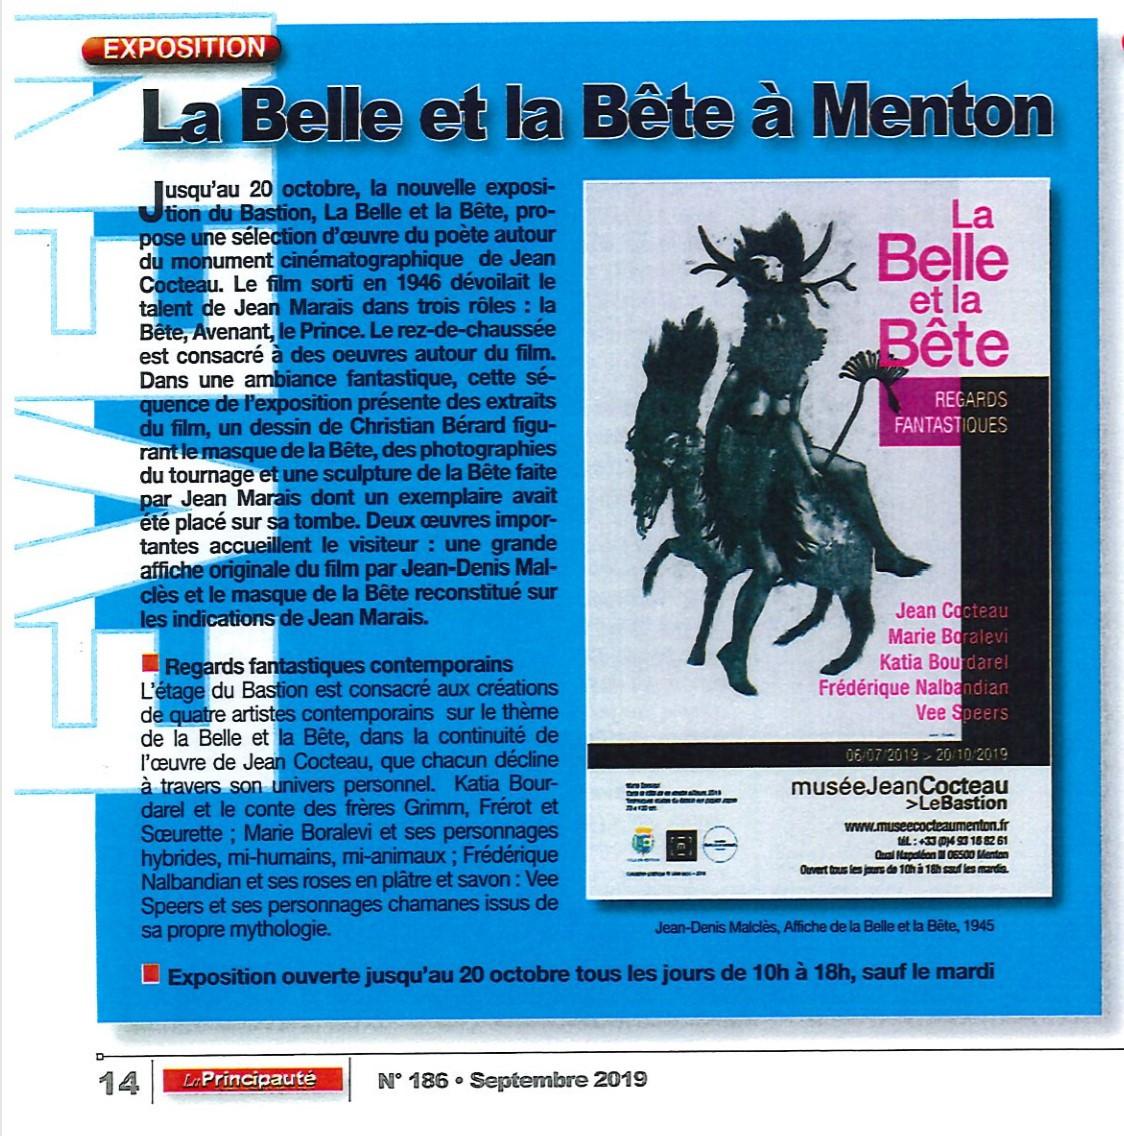 Expsition_Belle_et_la_bête_menton.jpg